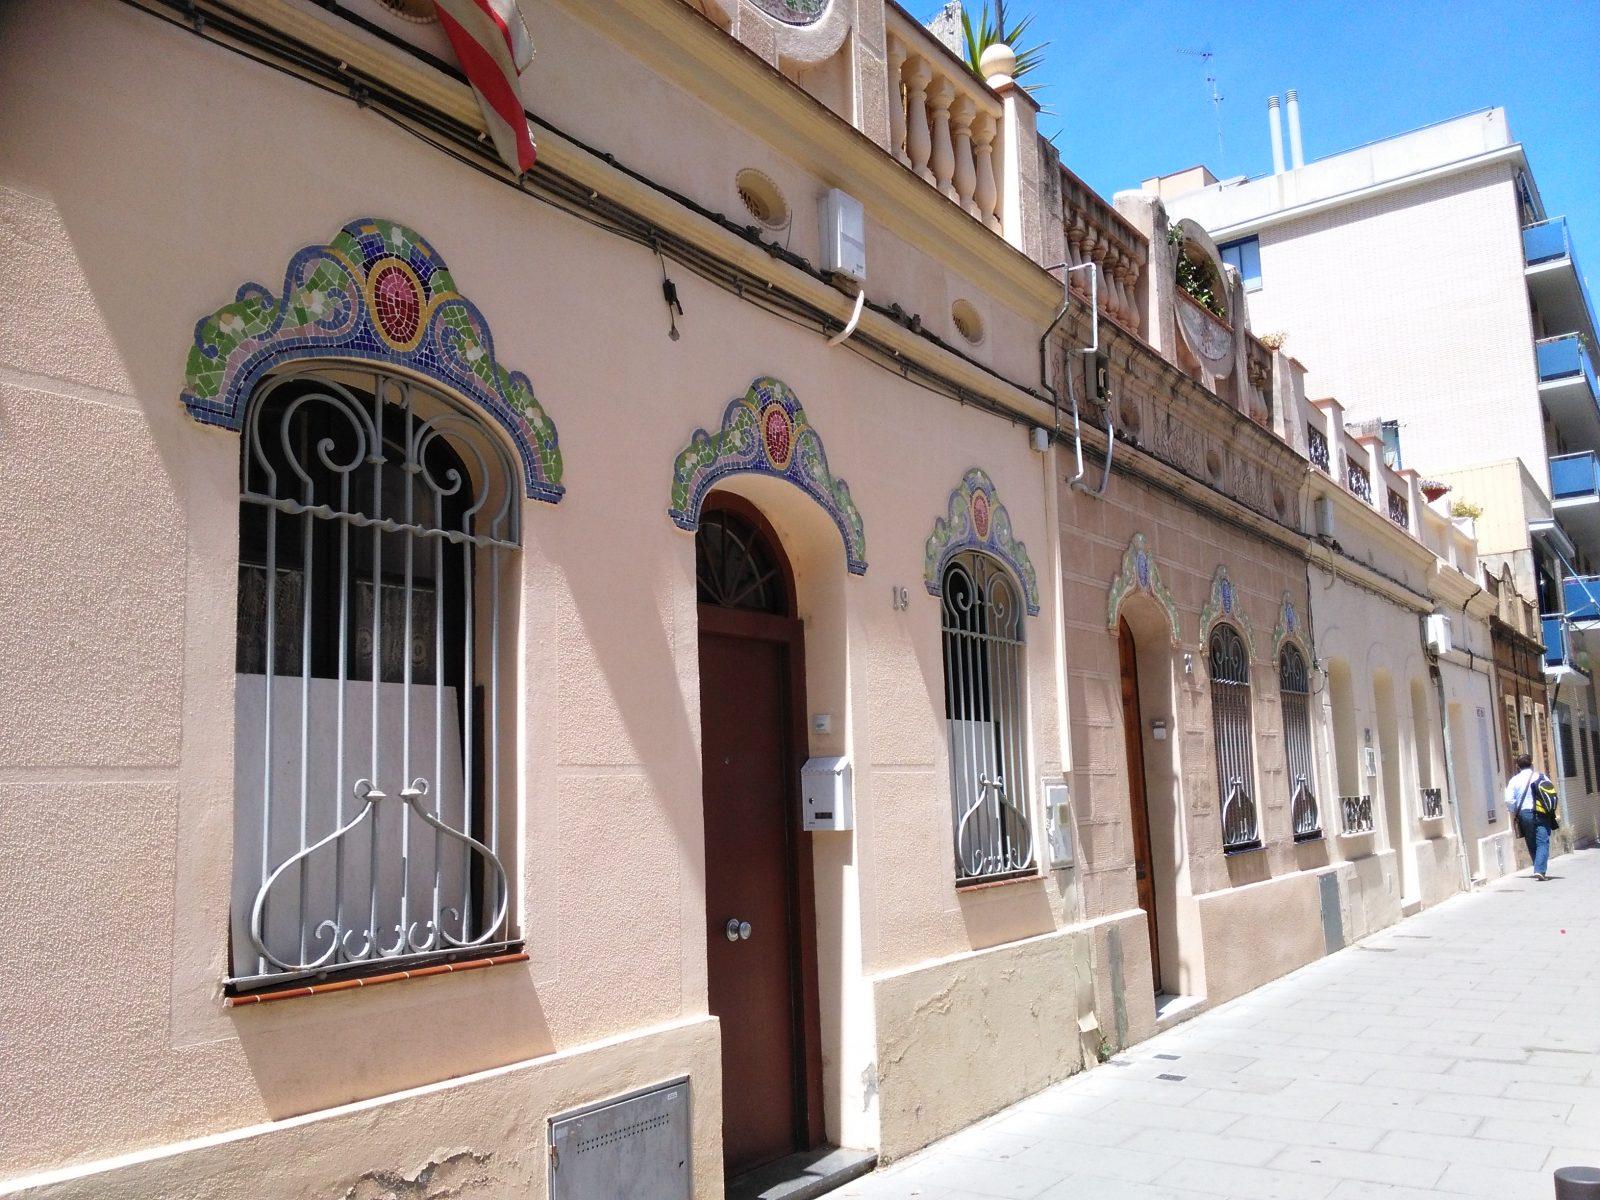 Sant Andreu. Pg Coello 19-21. Mosaic de tessel·les. Foto: Sandra R.P.